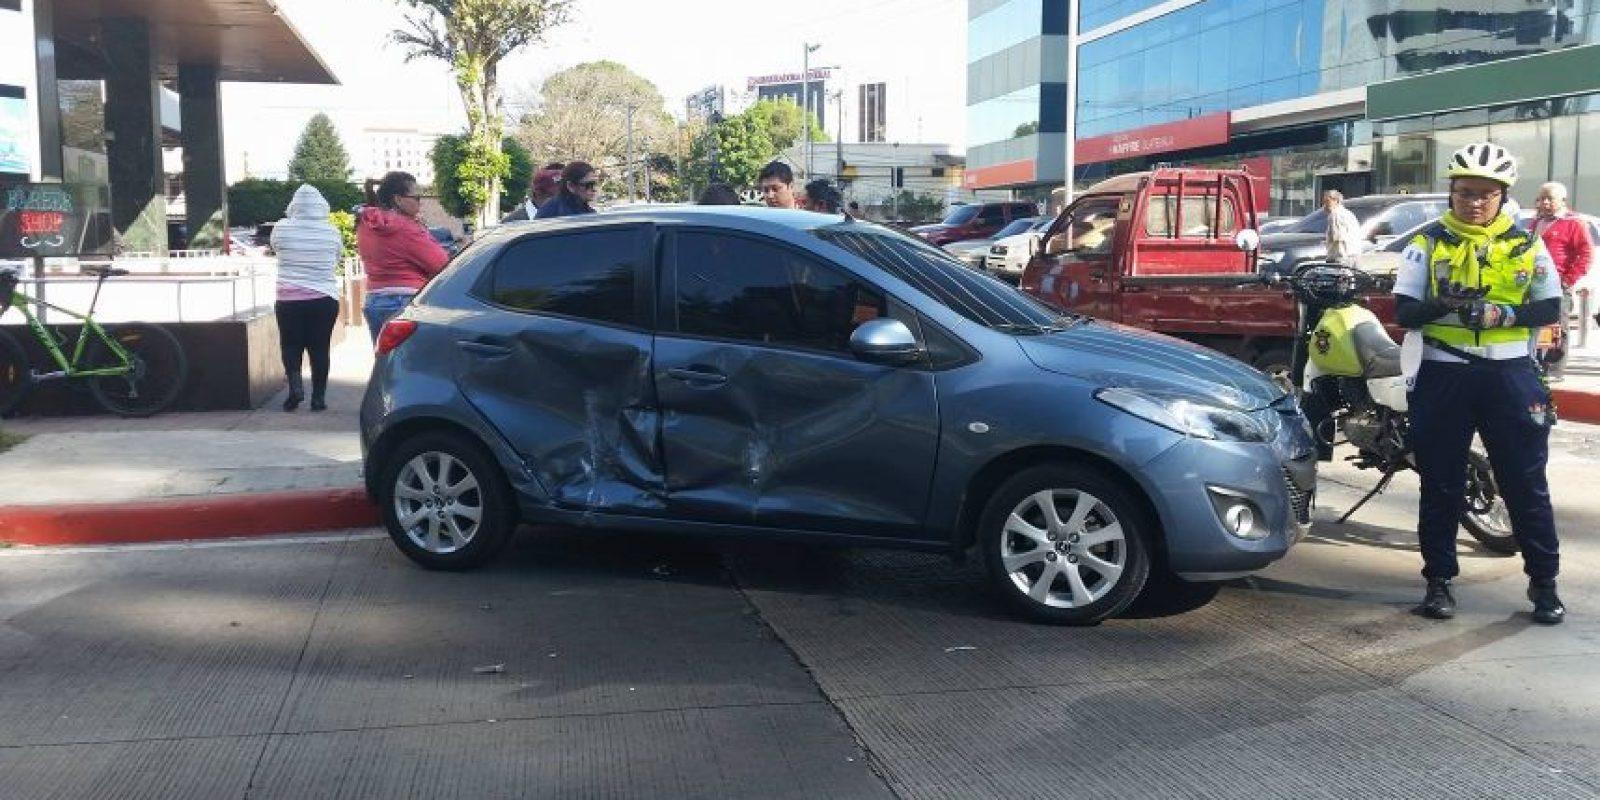 Vehículo dañado por un choque en la 9 Calle, Avenida Reforma, de la Zona 10. Foto:Publinews